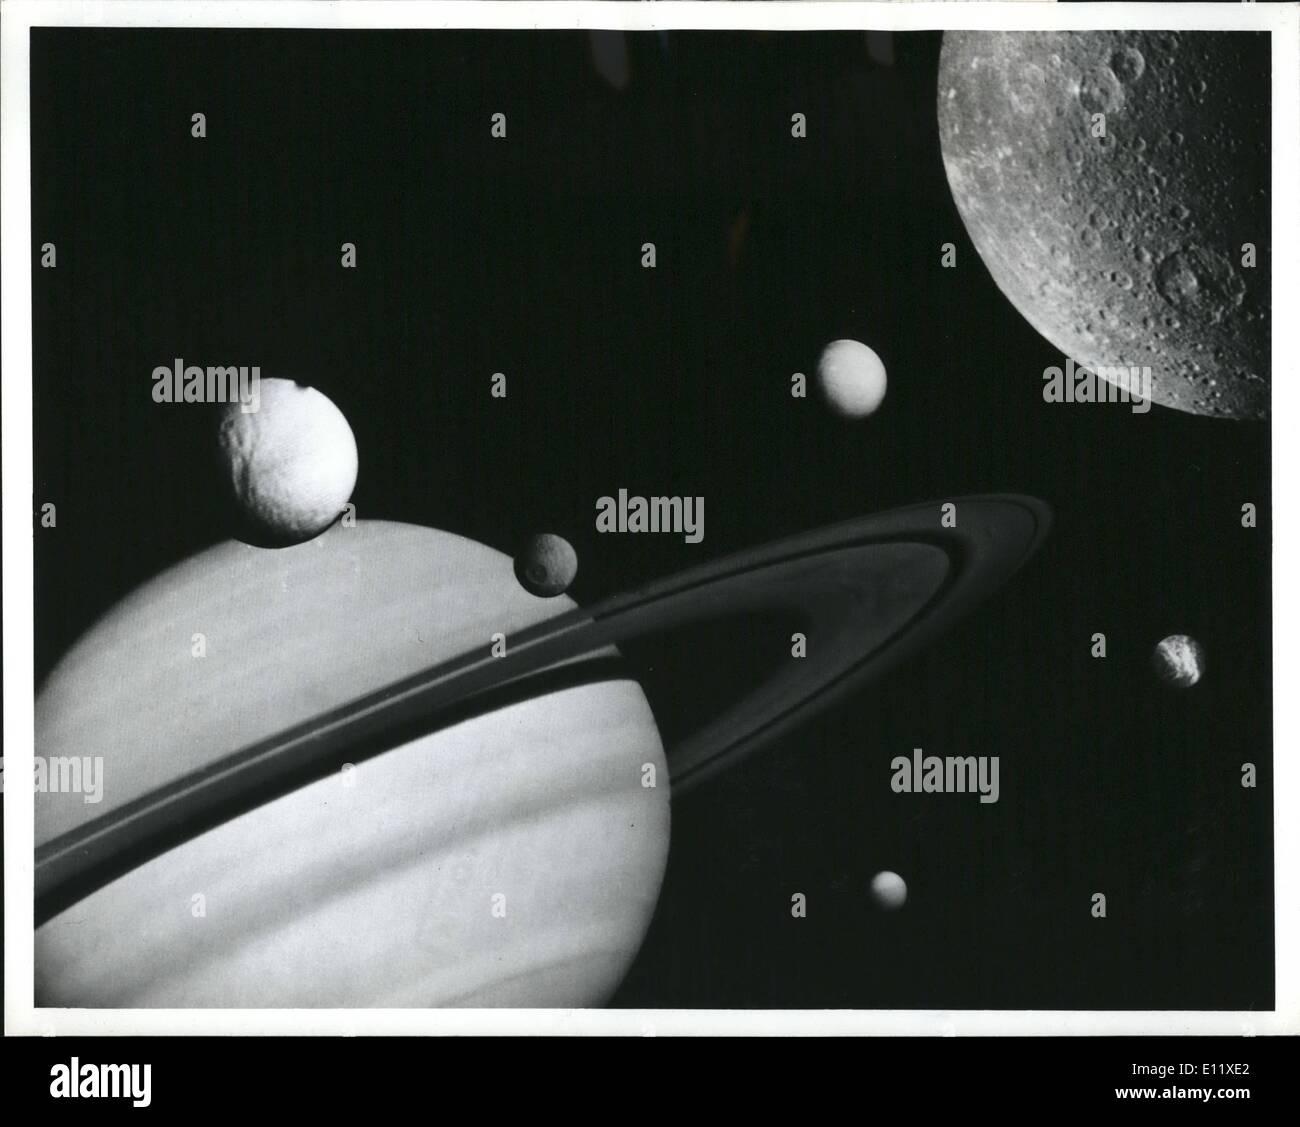 Febbraio 02, 1981 - Questo montaggio è stato preparato a partire da immagini prese dalla NASA Voyager I durante il suo volo attraverso il sistema saturnino nel novembre 1980. Saturno e i suoi anelli dominano questo artista della vista che mostra anche sei del pianeta noto 15 satelliti. Muovendosi in senso orario da destra, questa vista mostra Tetide e pockmarked manca è la parte anteriore del pianeta, questa vista mostra Tetide e pockmarked mises nella parte anteriore del pianeta, enceledus davanti gli anelli, Dione in primo piano a sinistra, rhea off il bordo sinistro del re e titan nella sua orbita distante in alto Immagini Stock